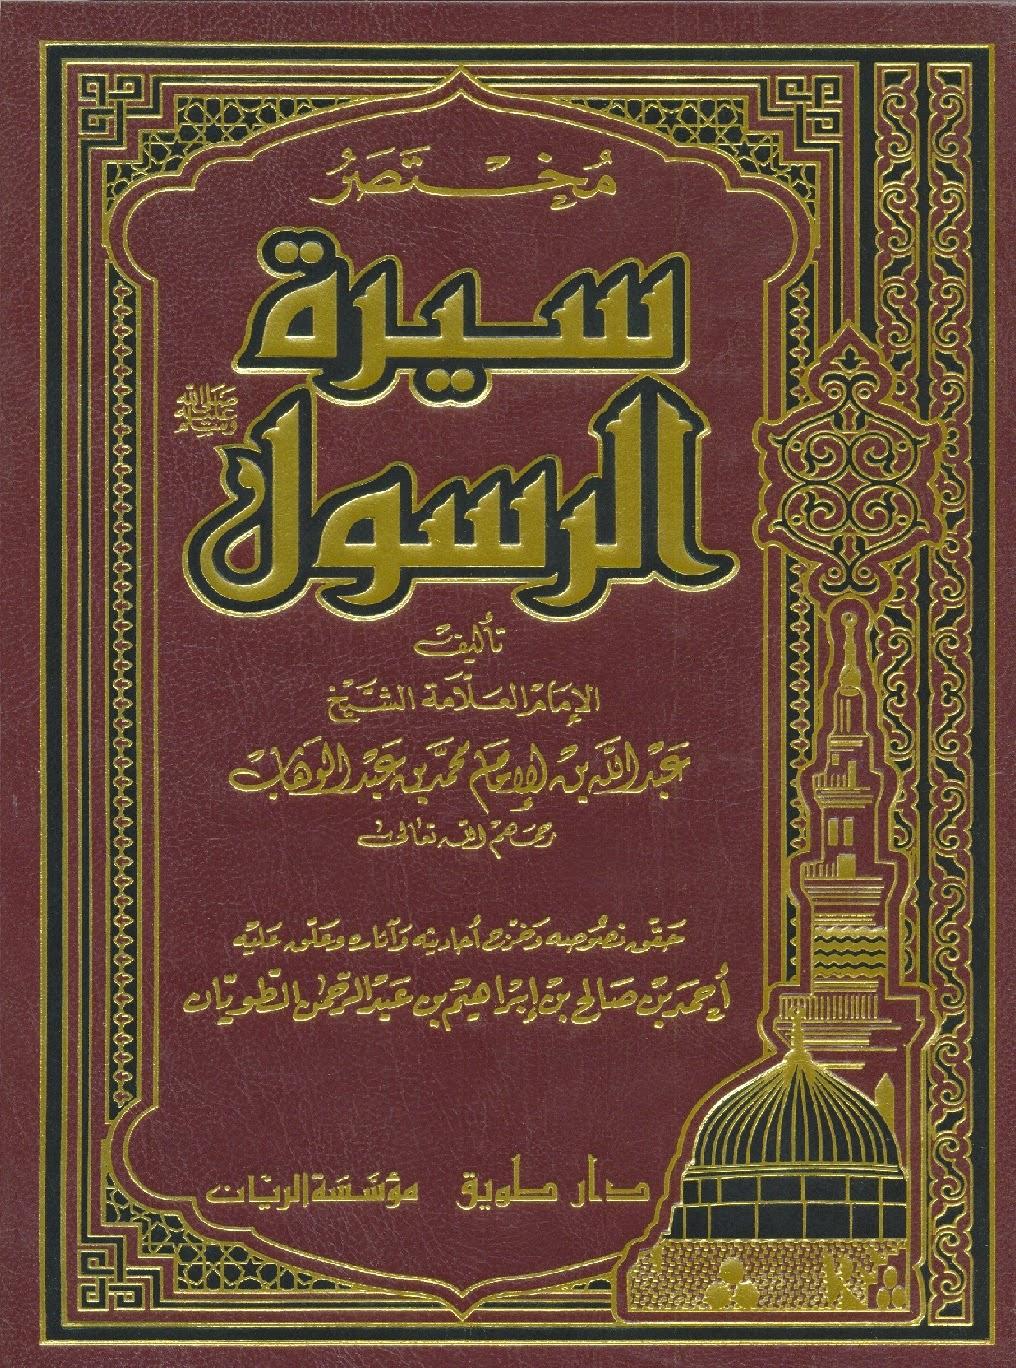 الحصول على كتب اسلامية مجانا تصلك إلى المنزل